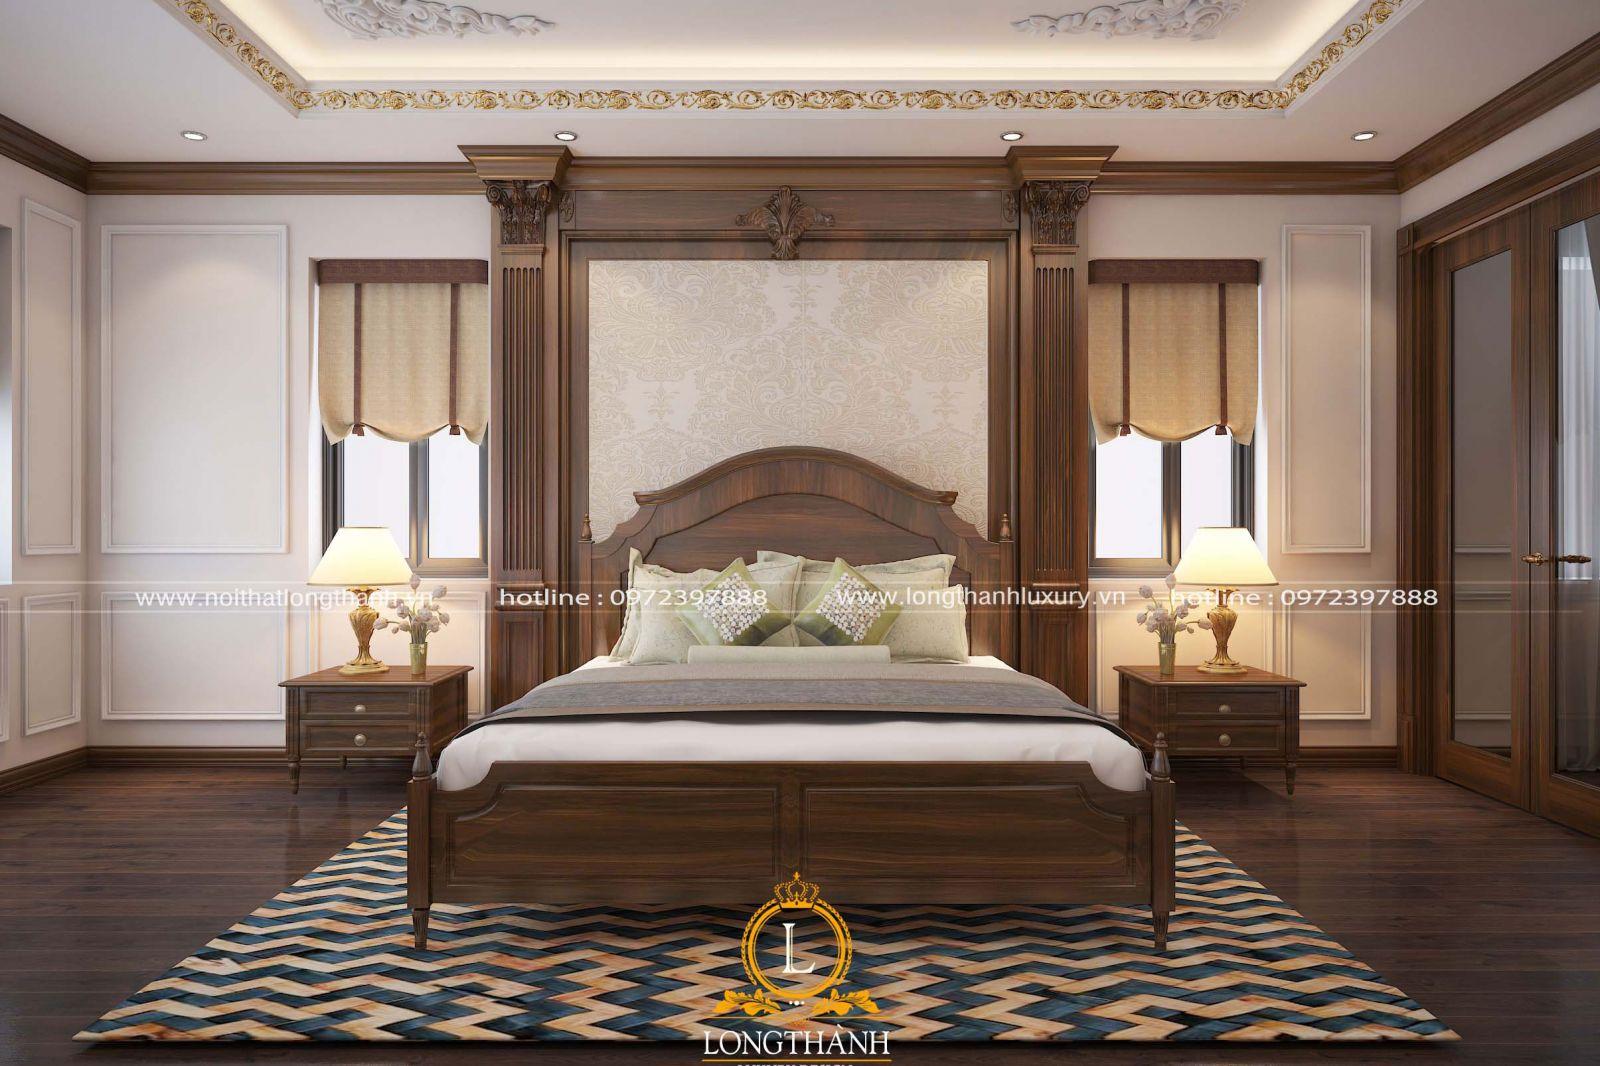 Phòng ngủ đơn giản tinh tế sang trọng